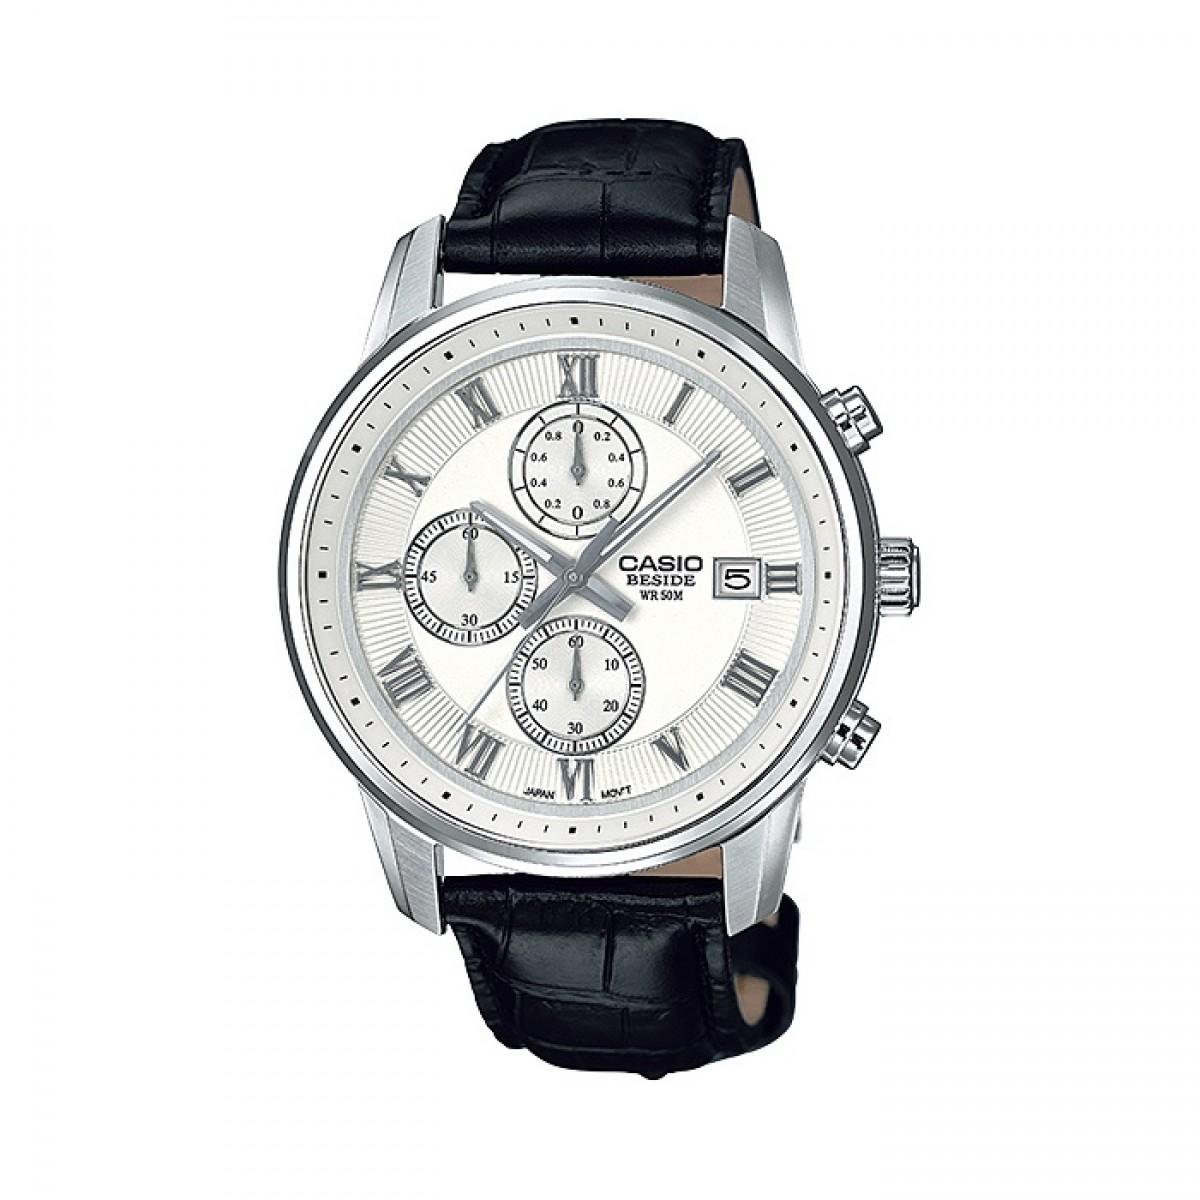 Часовник Casio BEM-511L-7AV